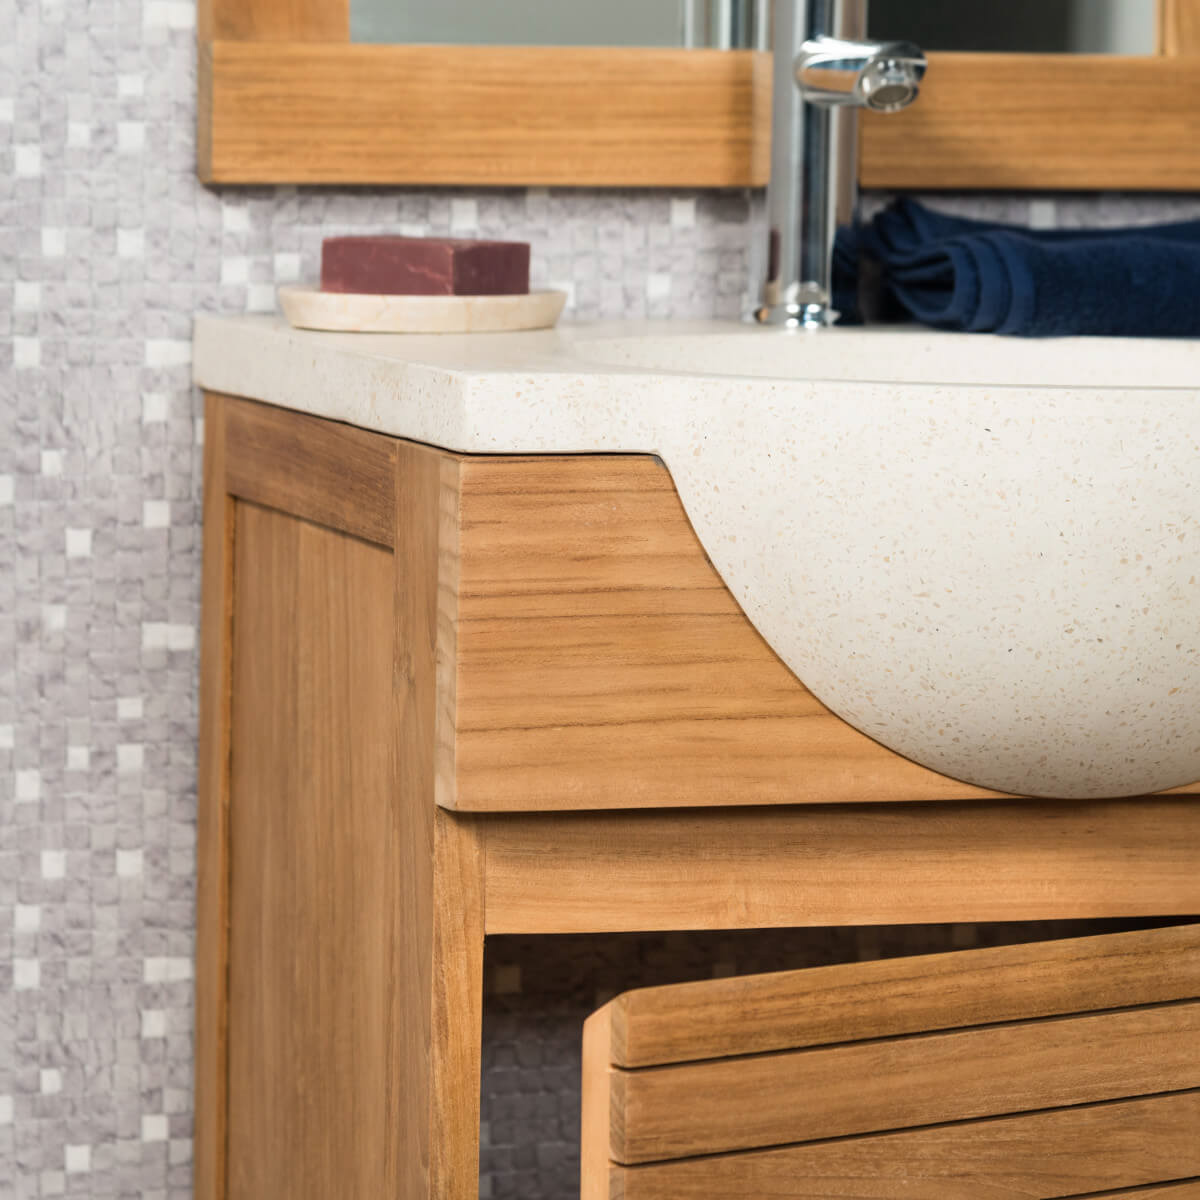 meuble sous vasque simple vasque en bois teck massif contemporain rectangle cr me l 50 cm. Black Bedroom Furniture Sets. Home Design Ideas